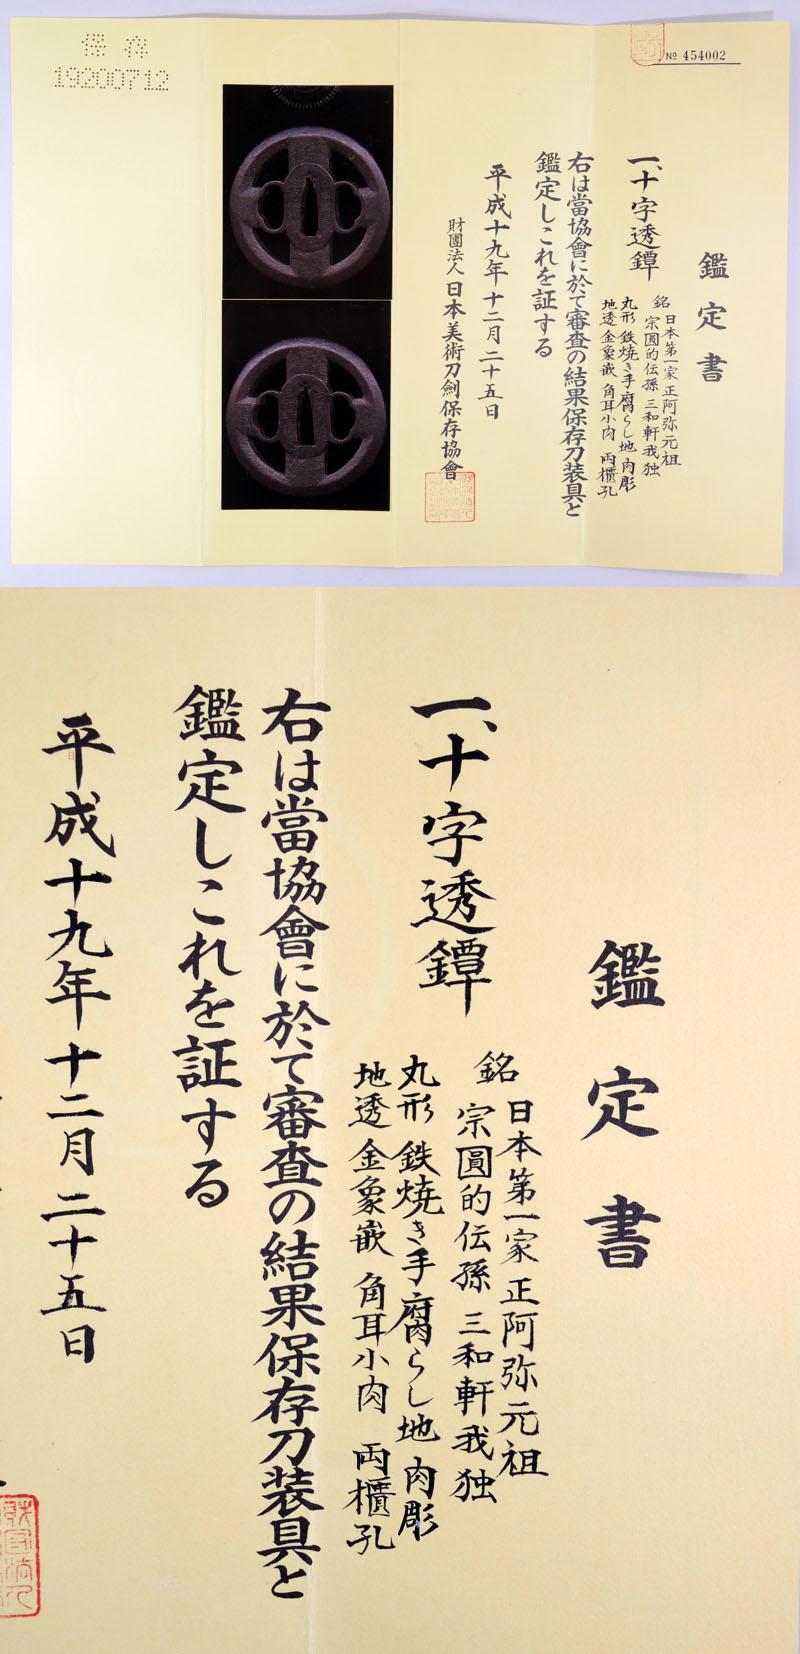 十字透鍔 日本第一家 正阿弥元祖 宗員的伝孫 三和軒我独 Picture of Certificate